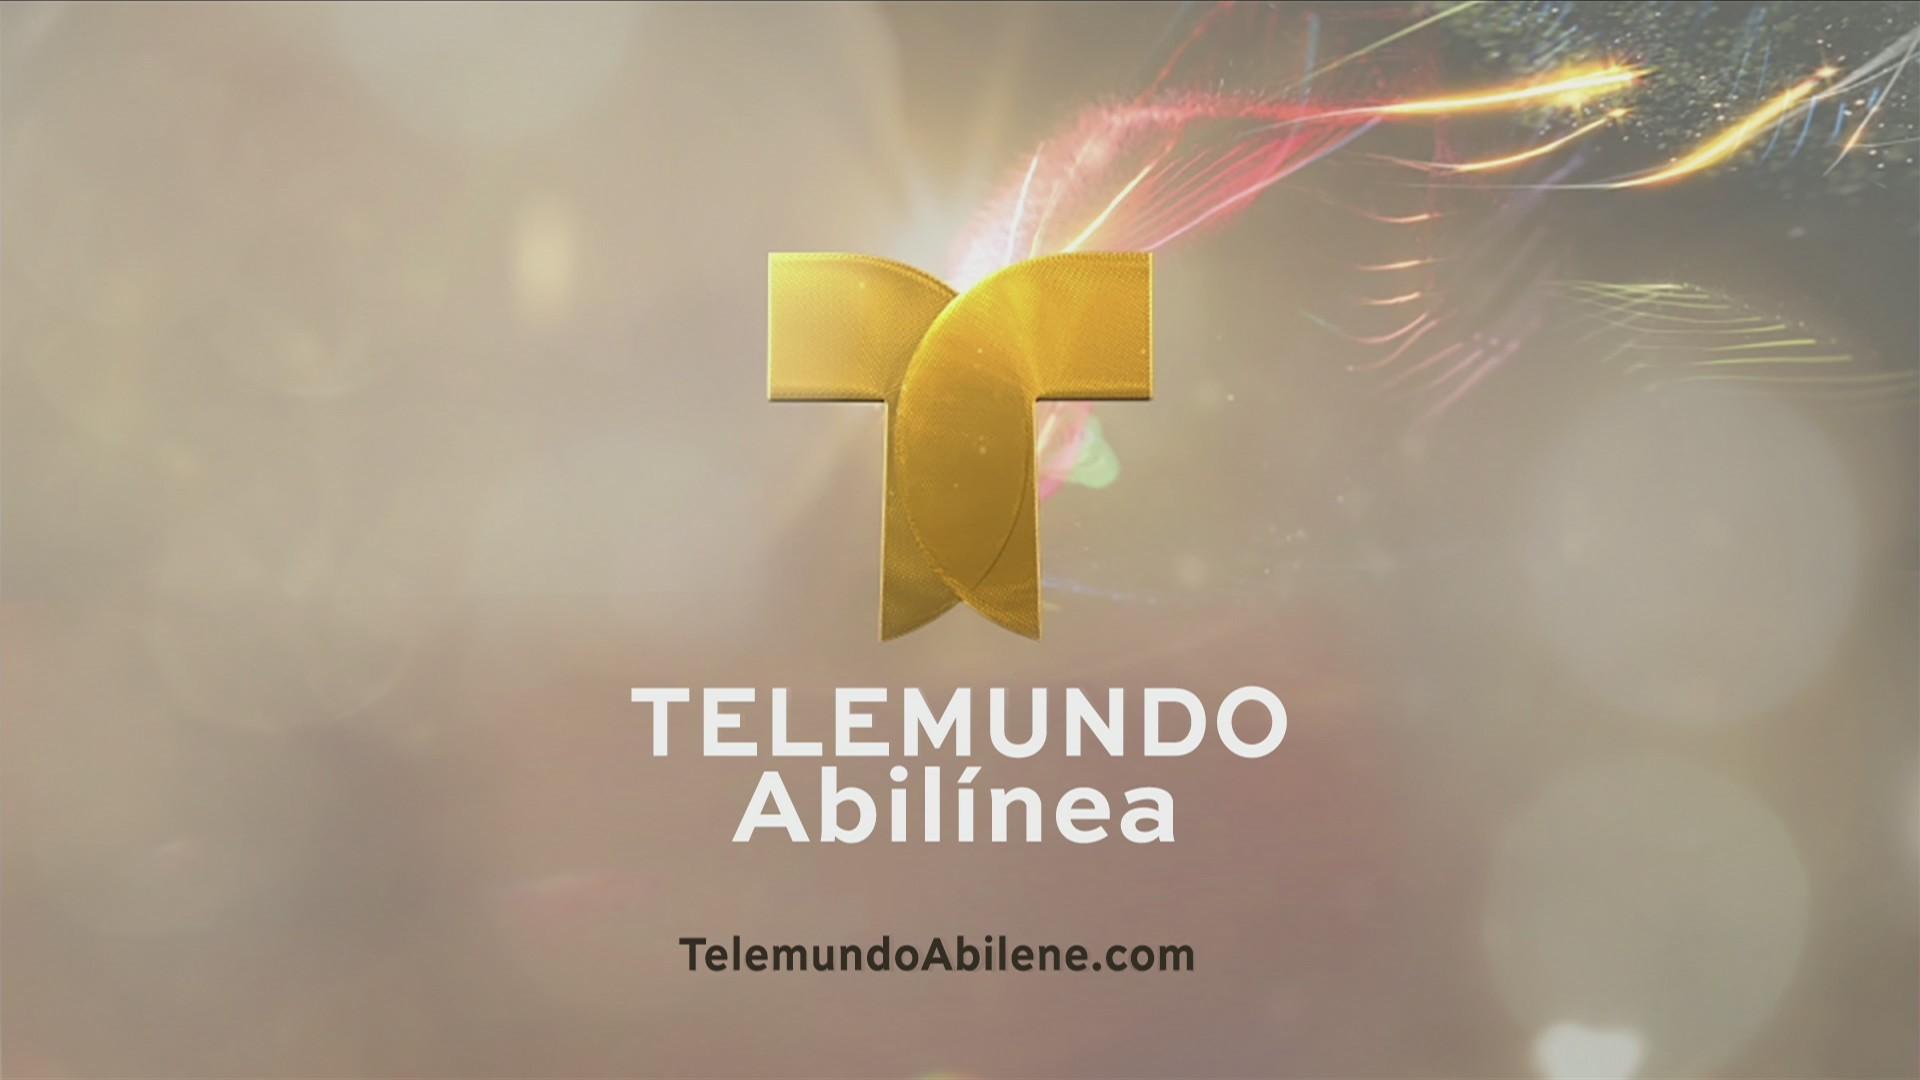 Telemundo Abilínea - 14 de marzo, 2019